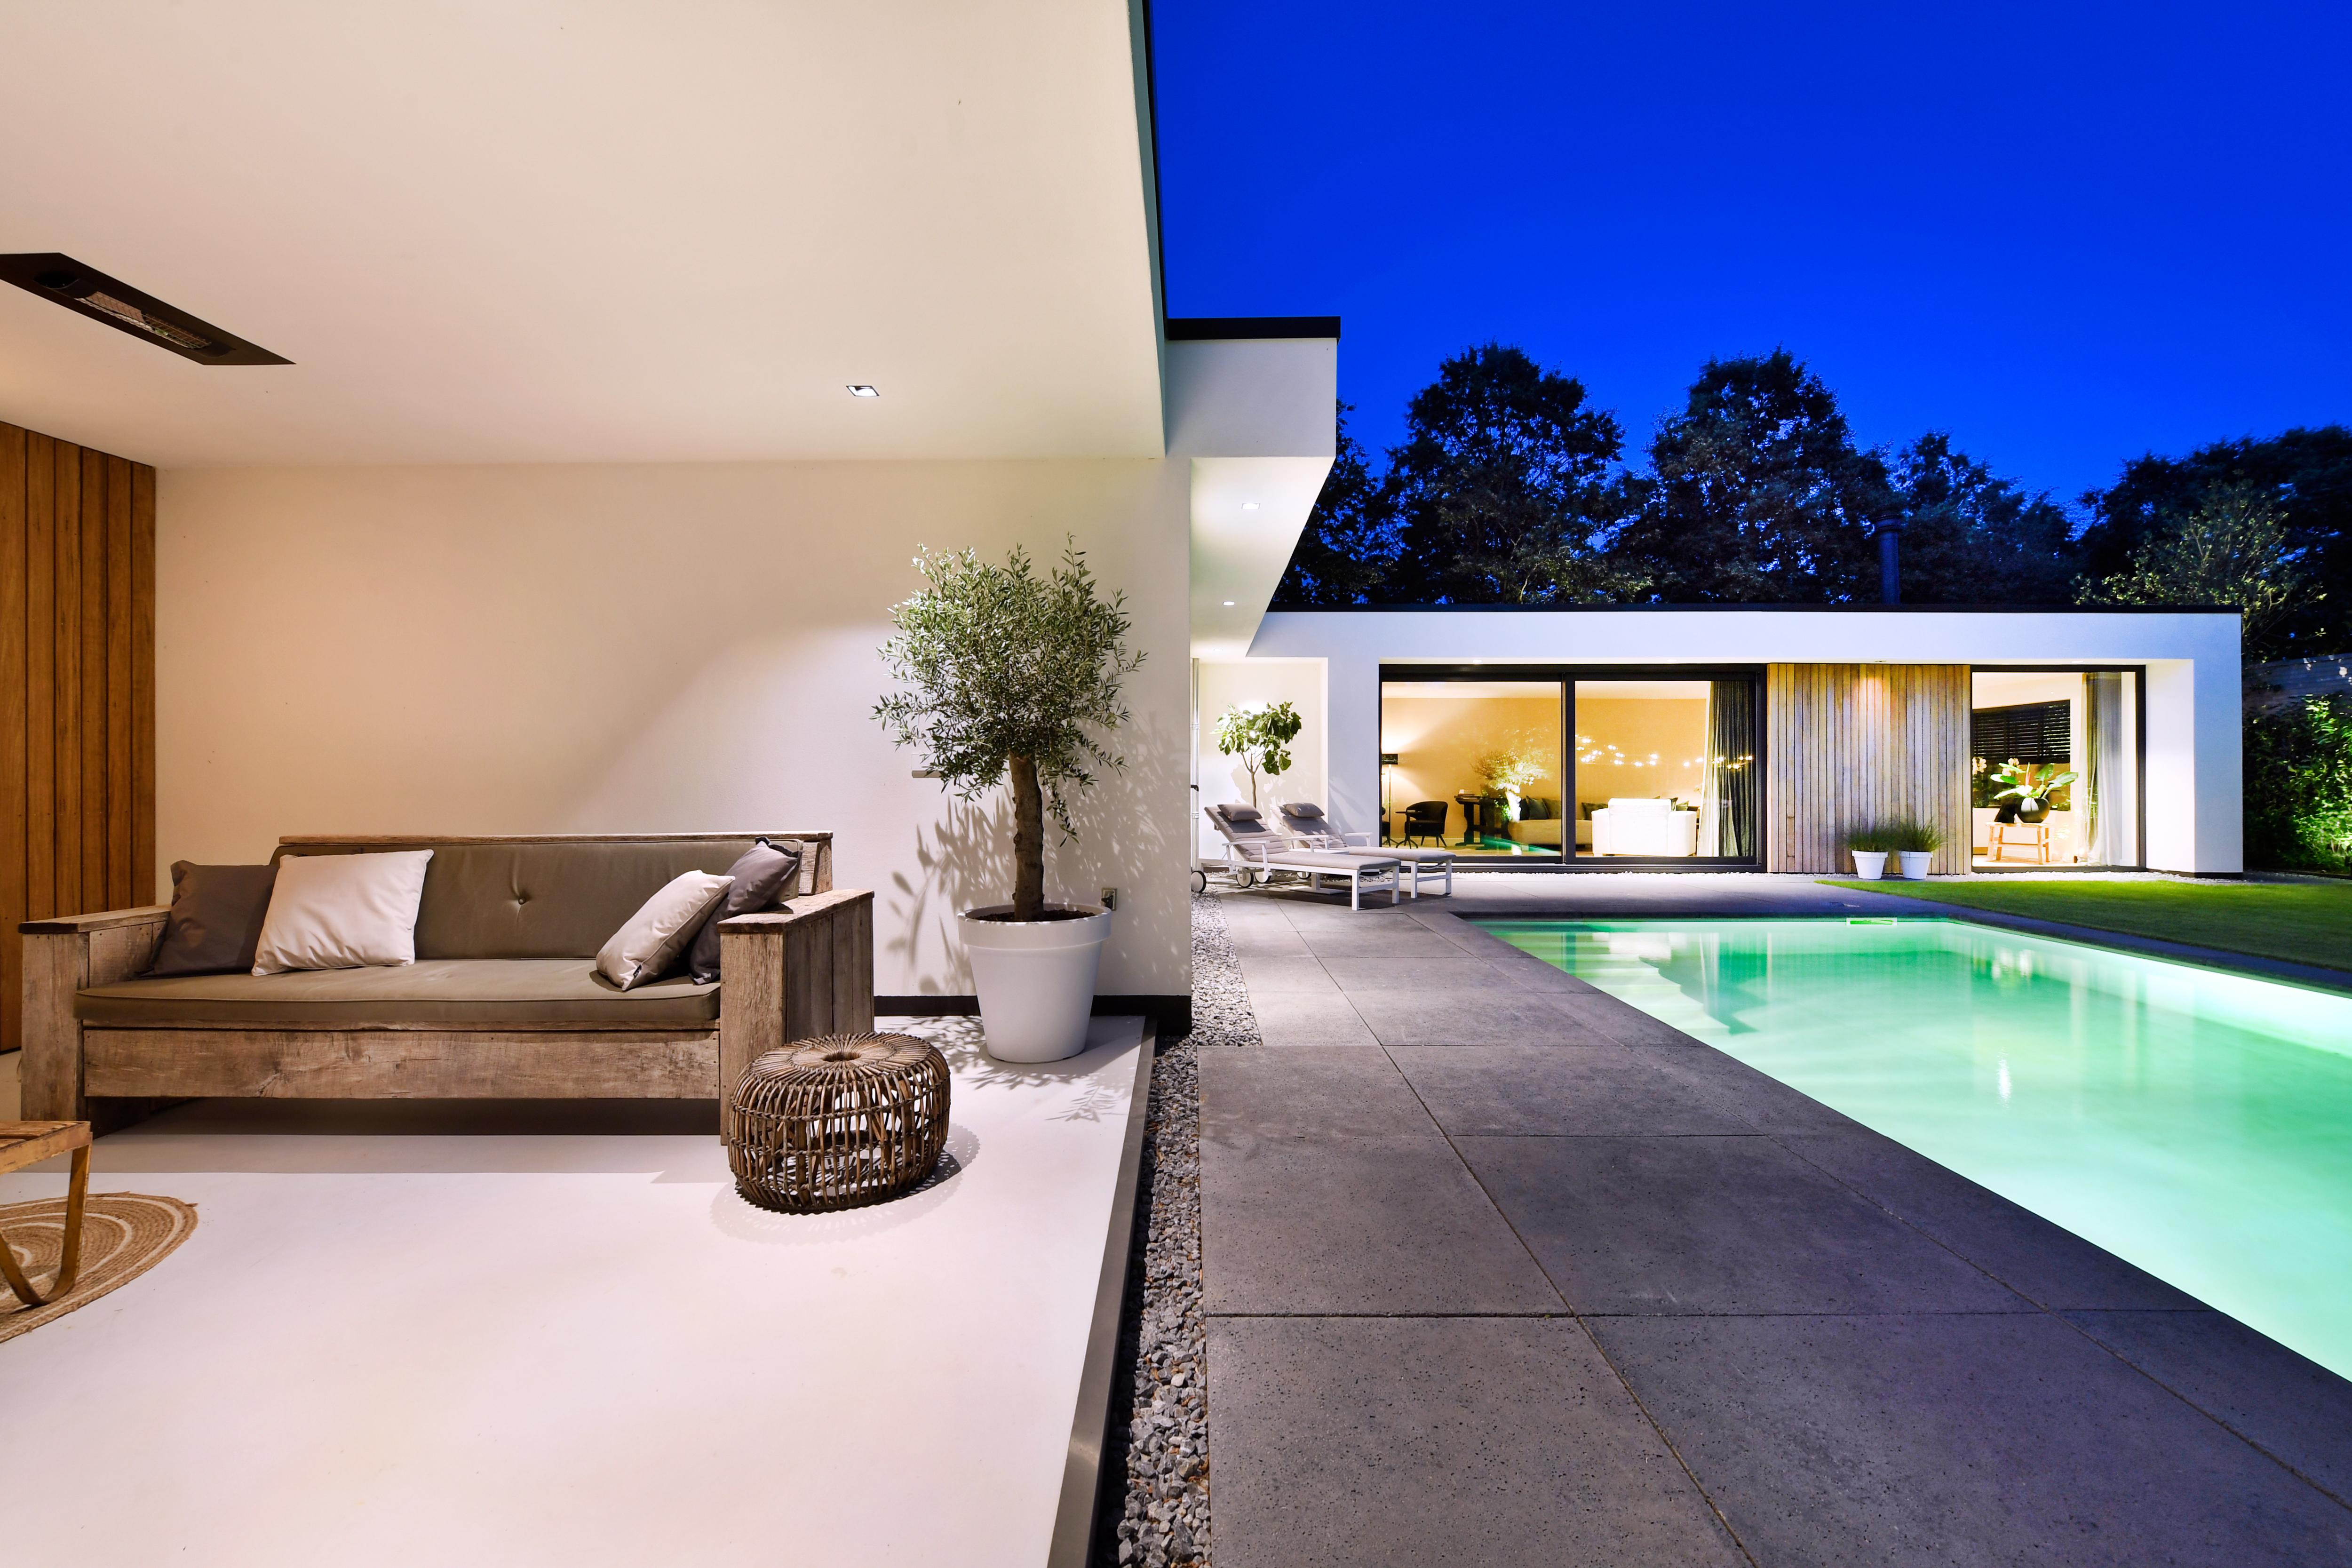 Fijne avonden buiten met goede terrasverlichting